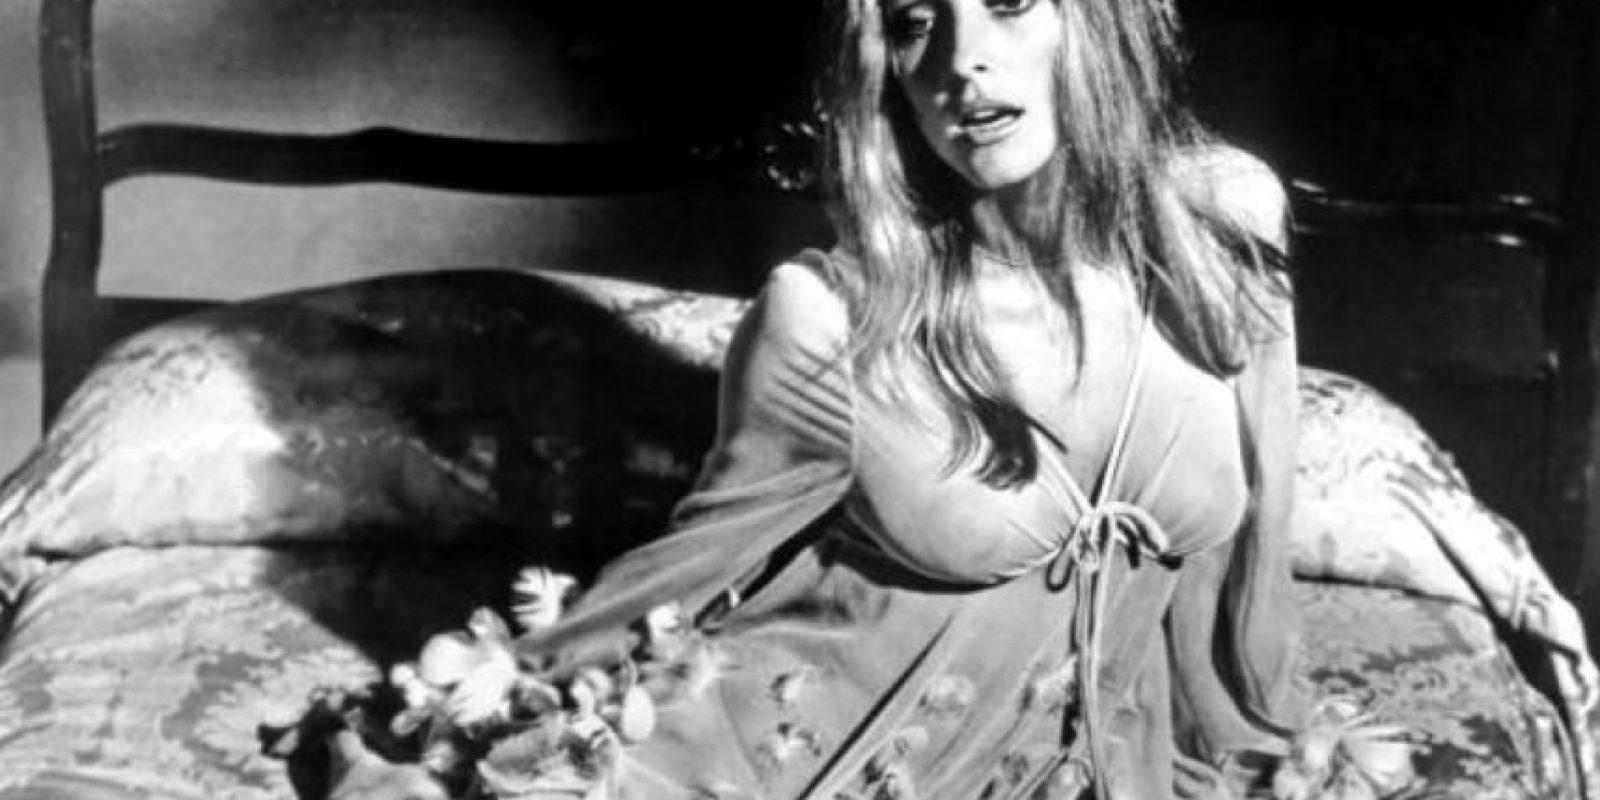 """El 8 de agosto de 1969, dos semanas antes de dar a luz, cenaba con unos amigos en su casa. Entonces los """"hijos"""" de Charles Manson entraron a su casa. Foto:vía Getty Images"""